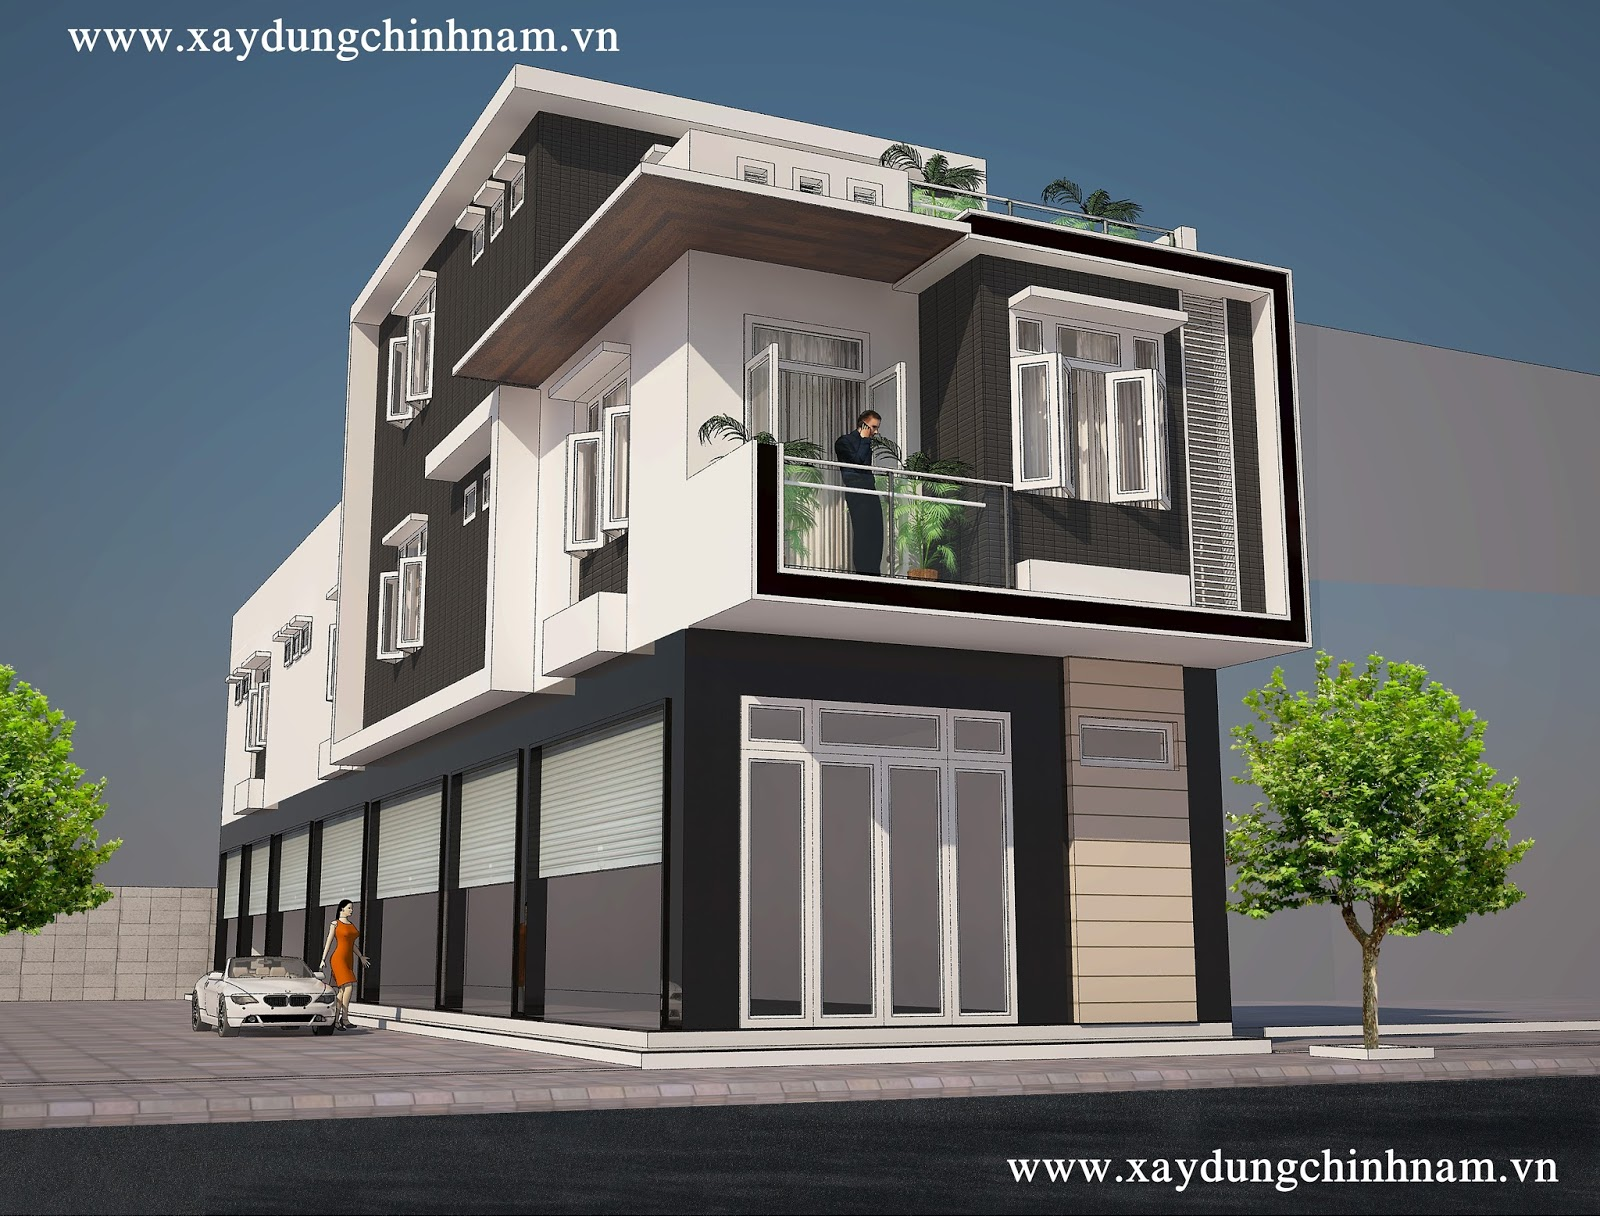 Thiết kế nhà chị Trúc ở Đồng Nai